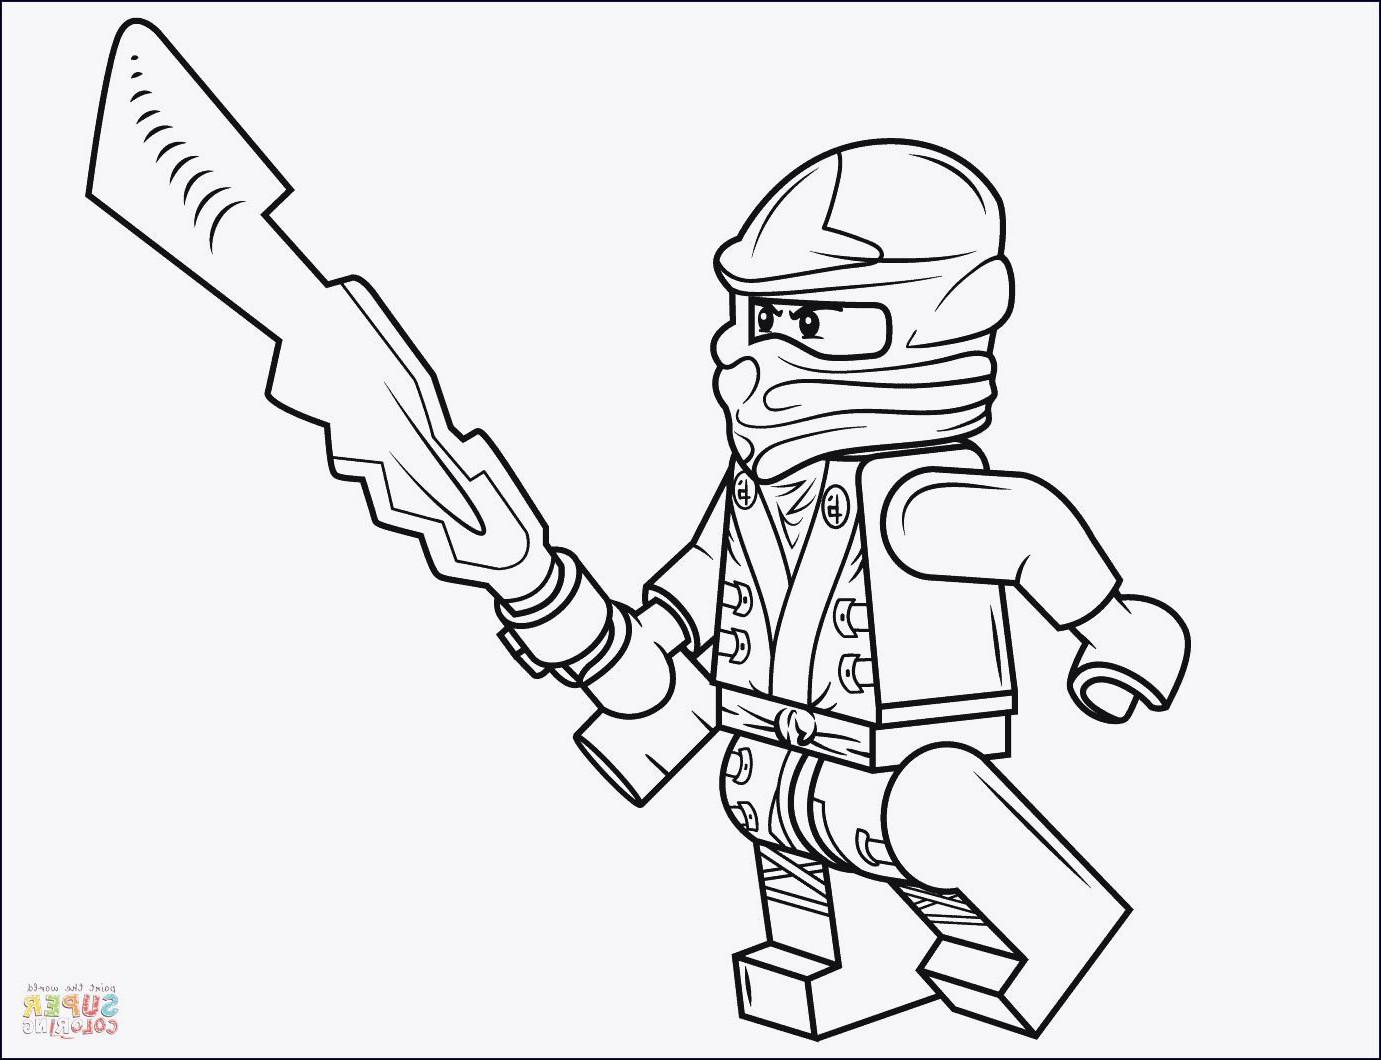 Ninjago Cole Ausmalbilder Neu 29 Fantastisch Ninjago Ausmalbilder – Malvorlagen Ideen Bilder